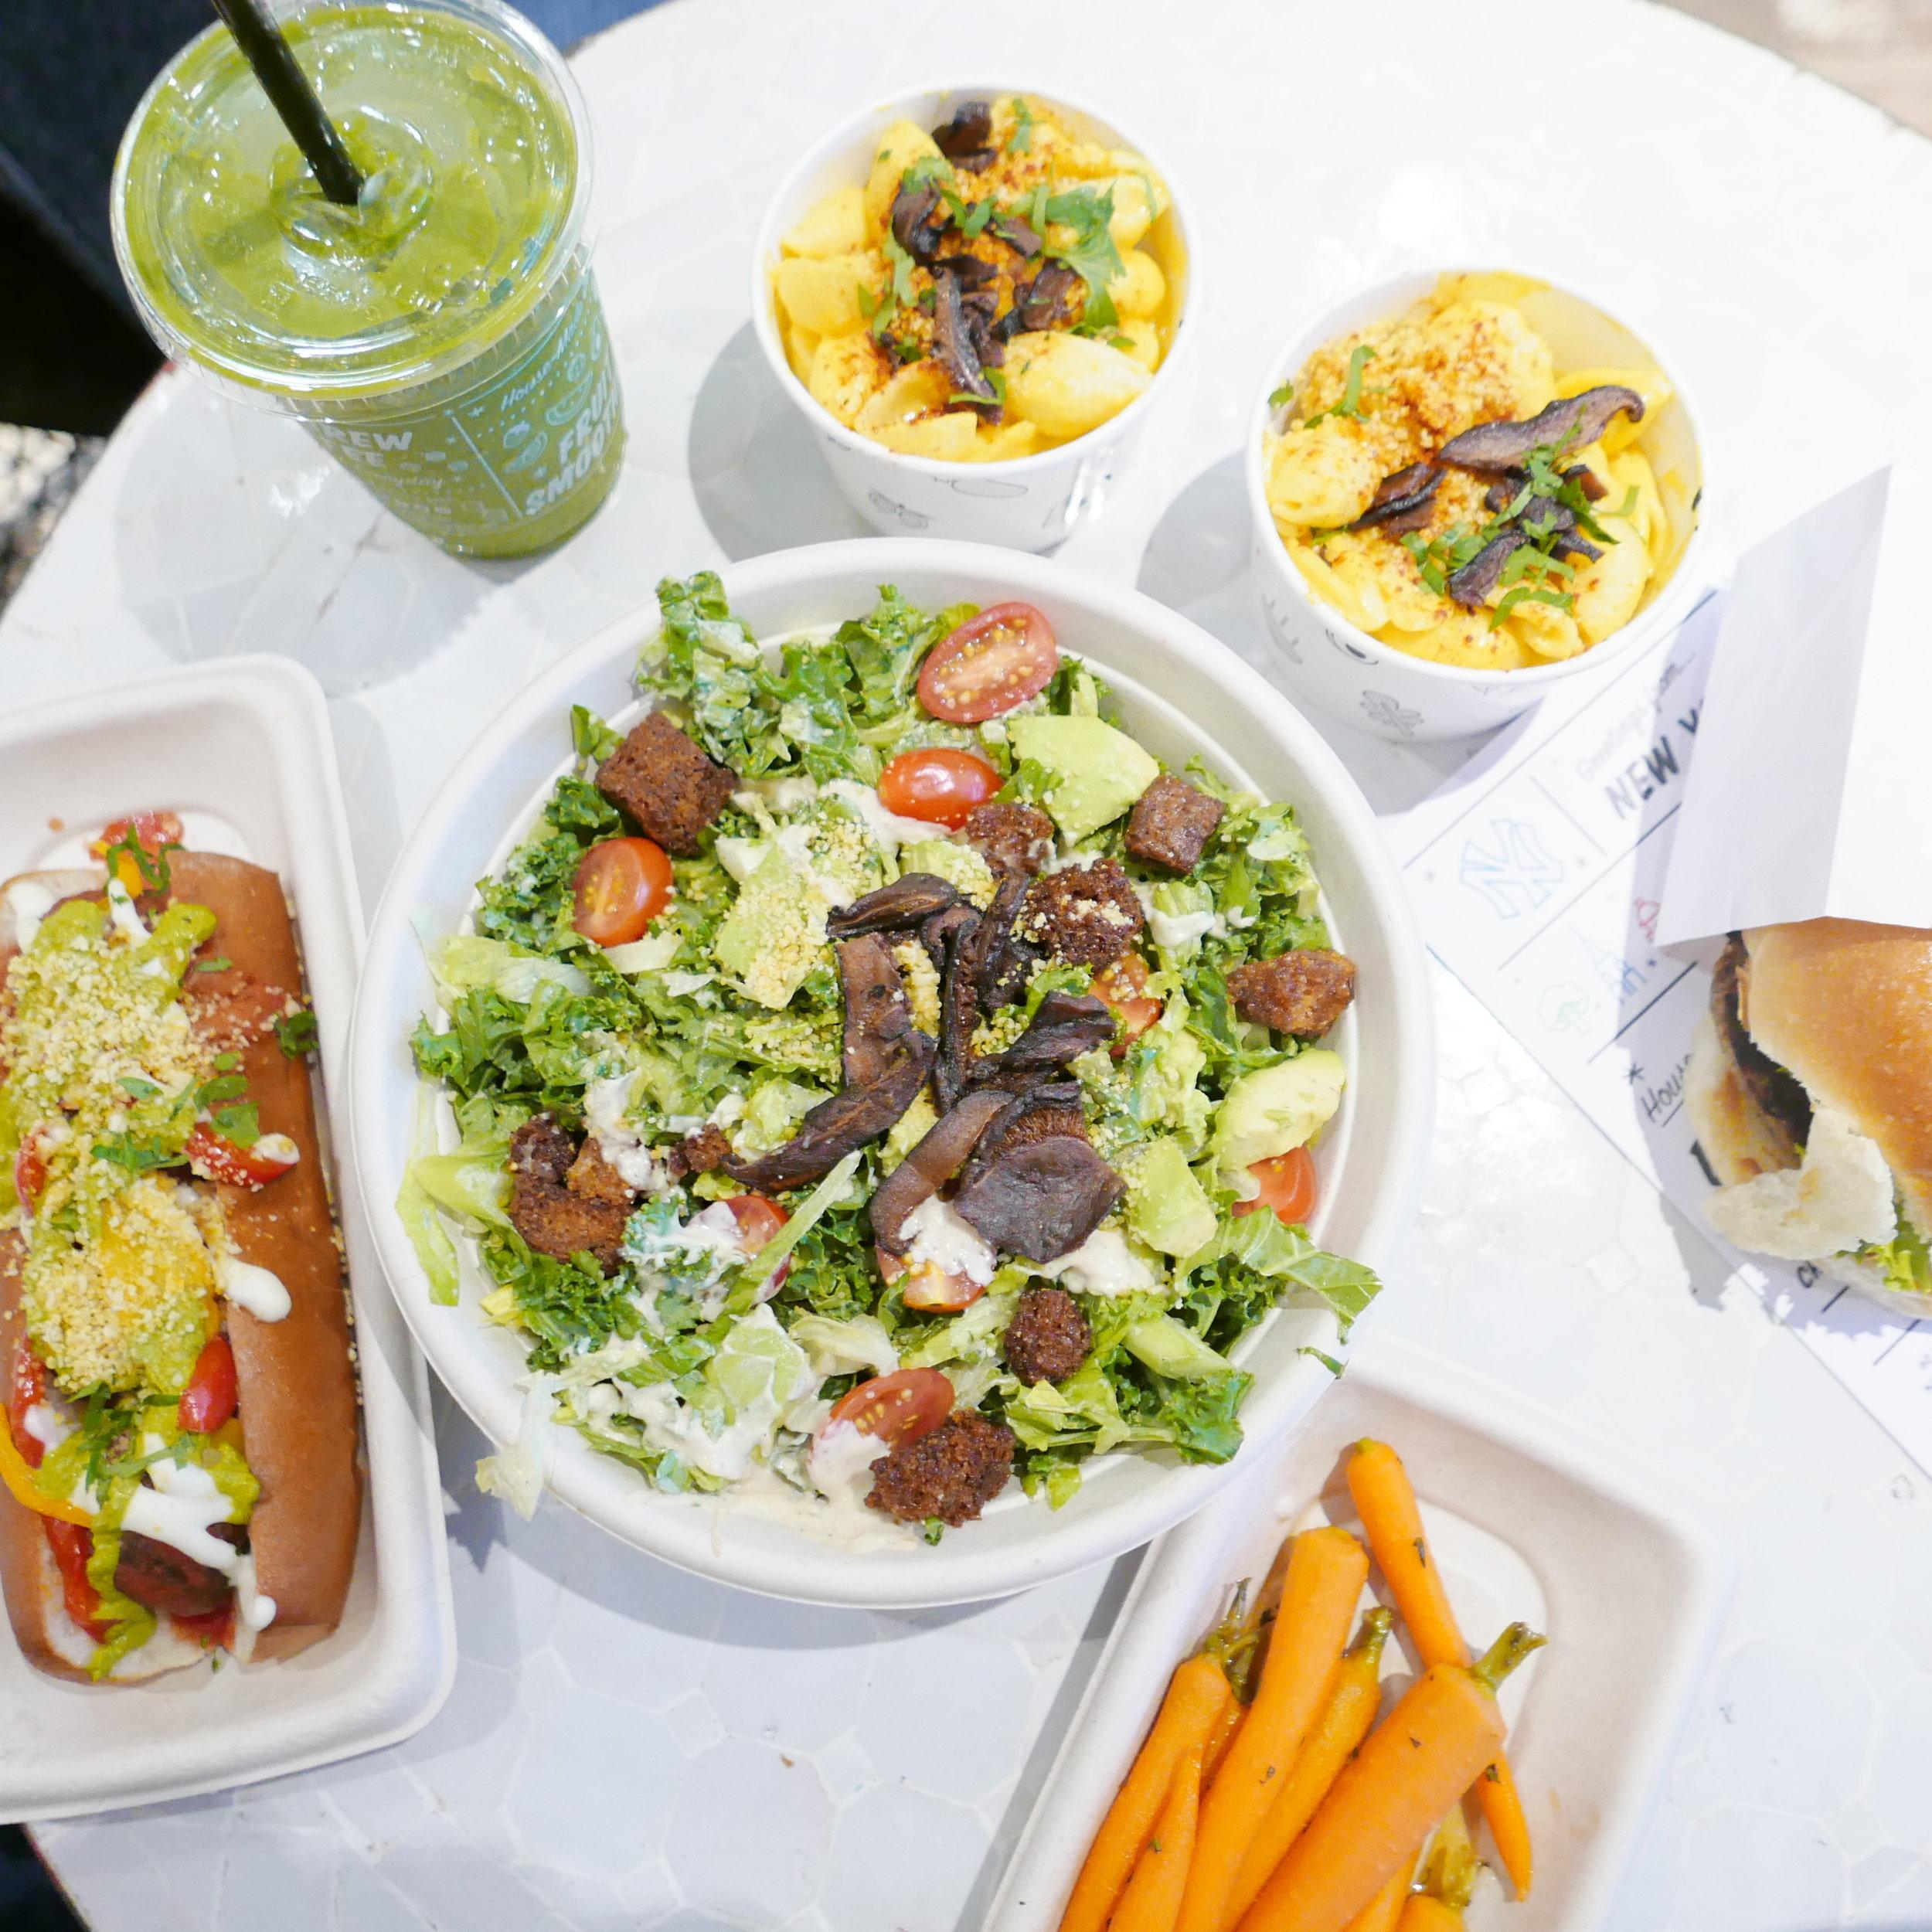 Caesar Salad, Meatball Sub